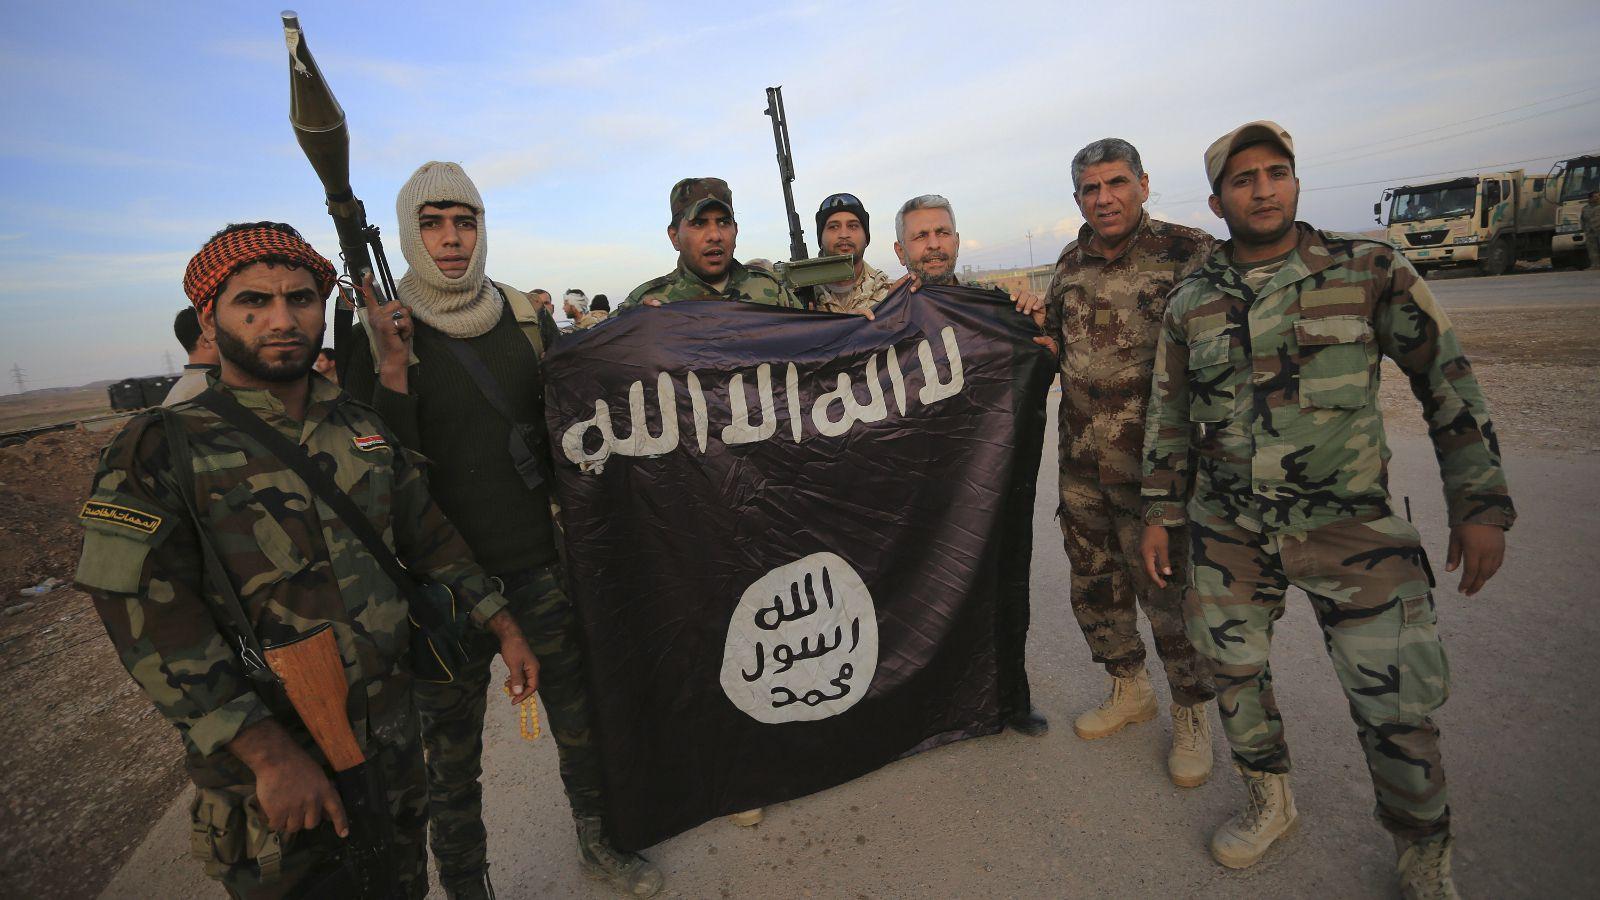 Tüm teröristler AKP'ye geliyor: İsveç'te Türkiye uçağına binmek isteyen terörist yakalandı